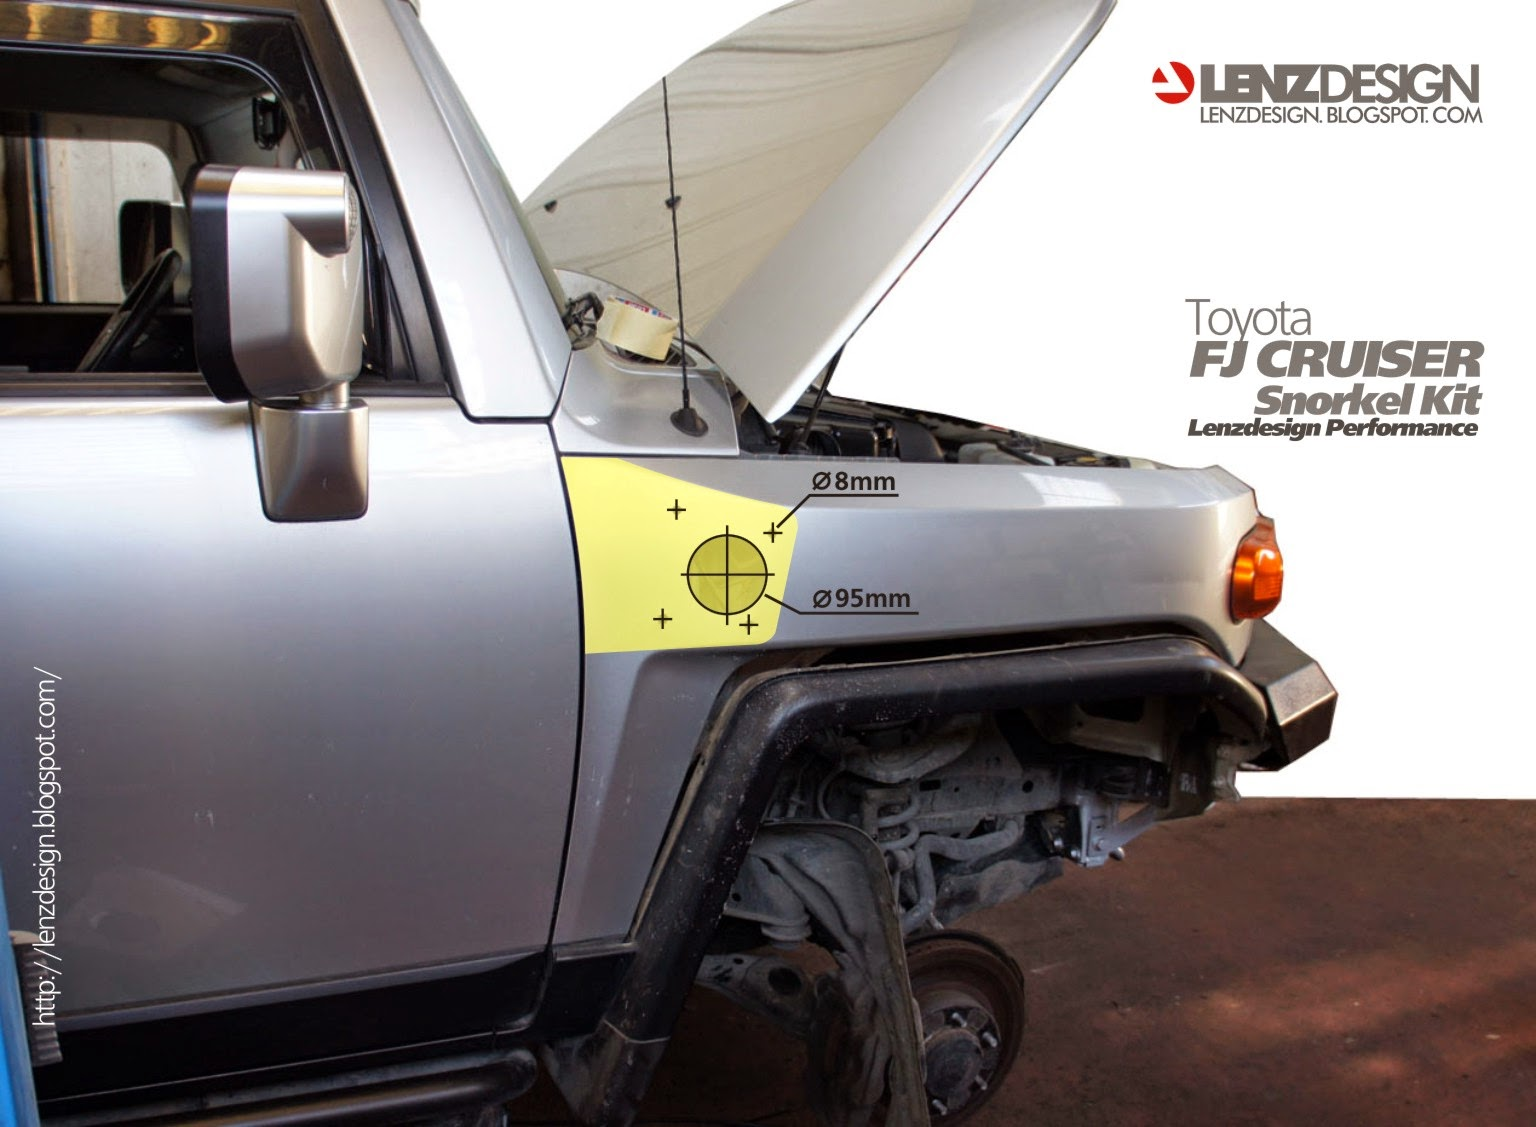 Toyota FJ Cruiser Lenzdesign Snorkel Kit